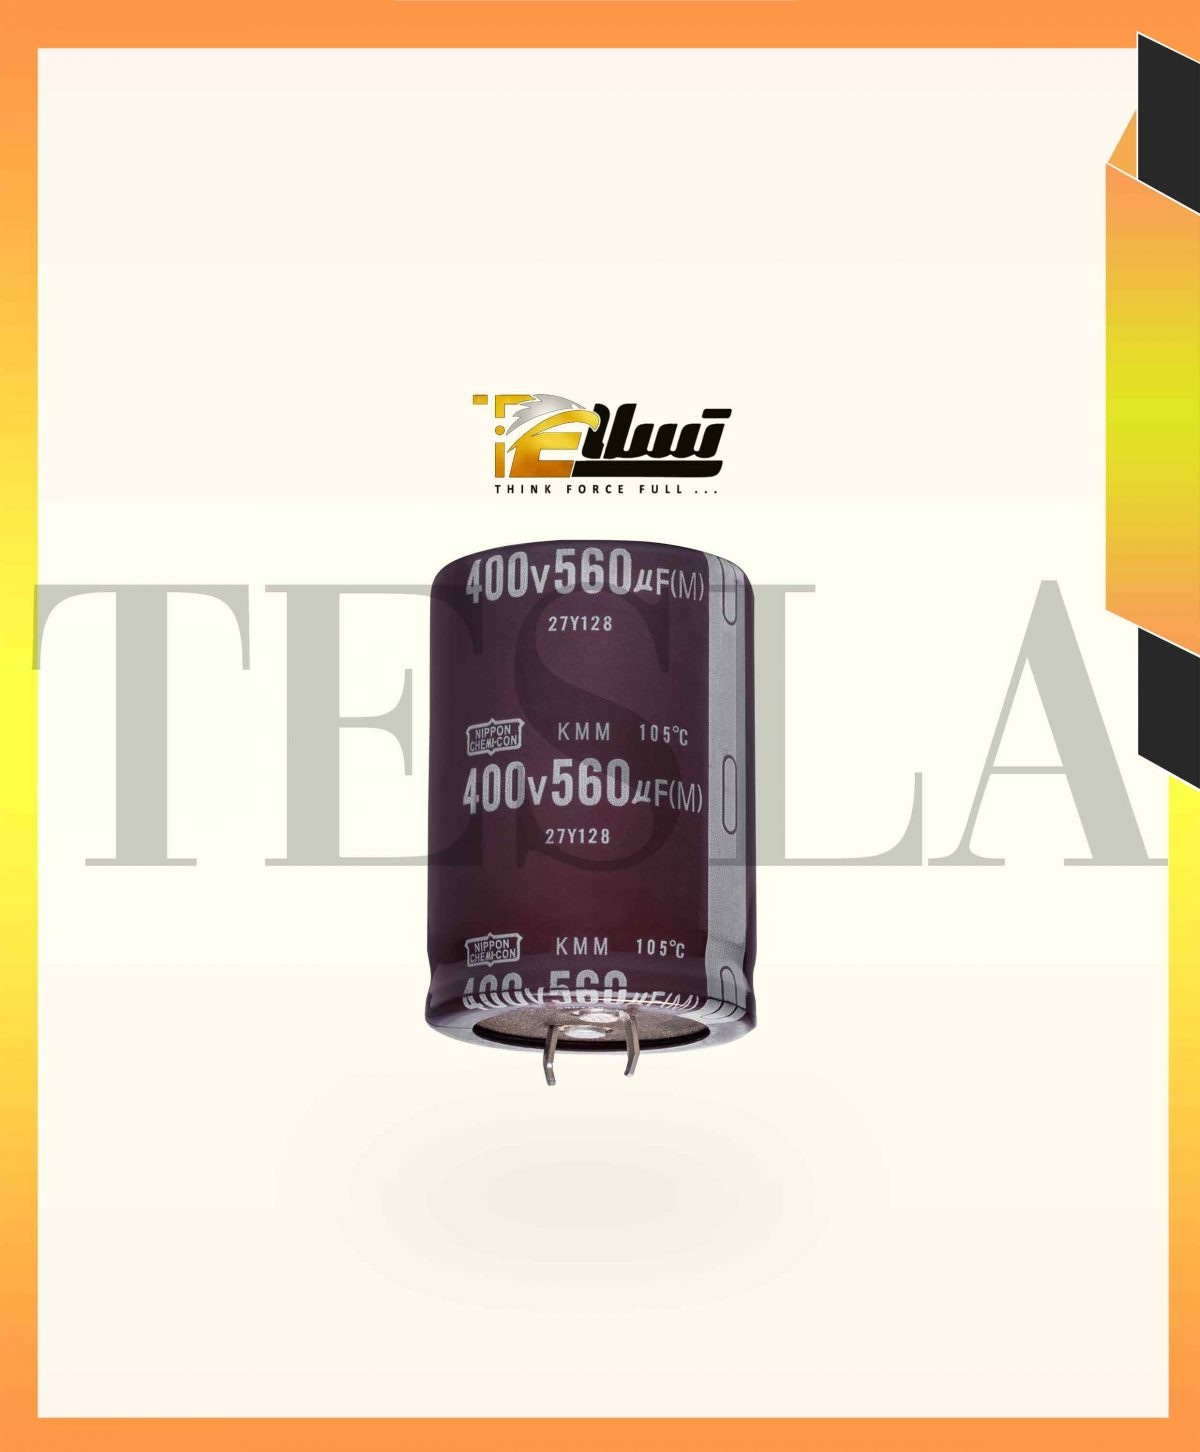 خازن 400ولت 560میکروفاراد